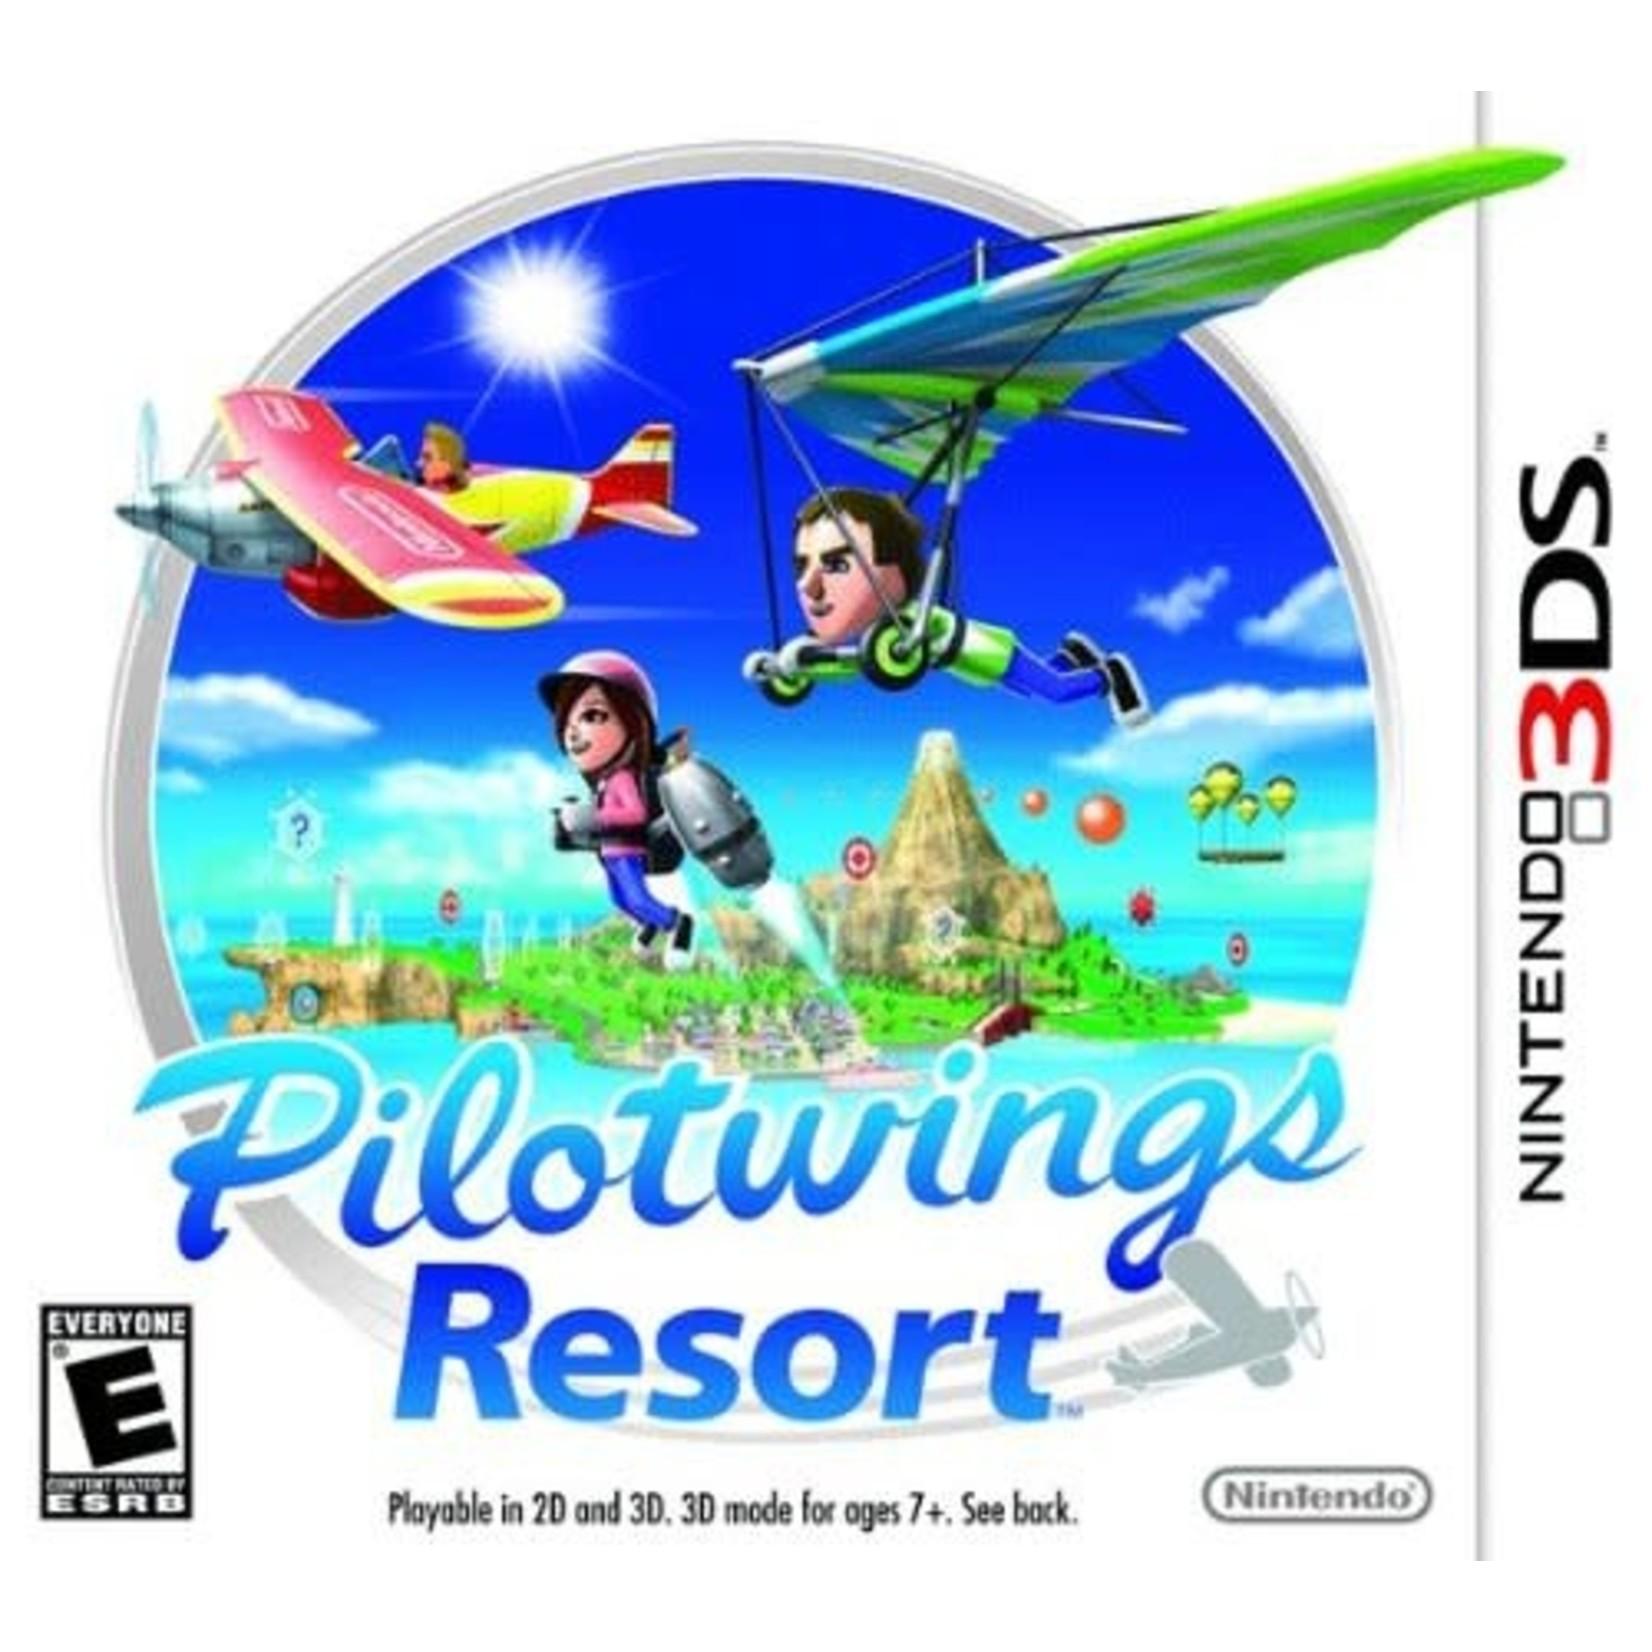 3DSU-PILOTWINGS RESORT - 3DS